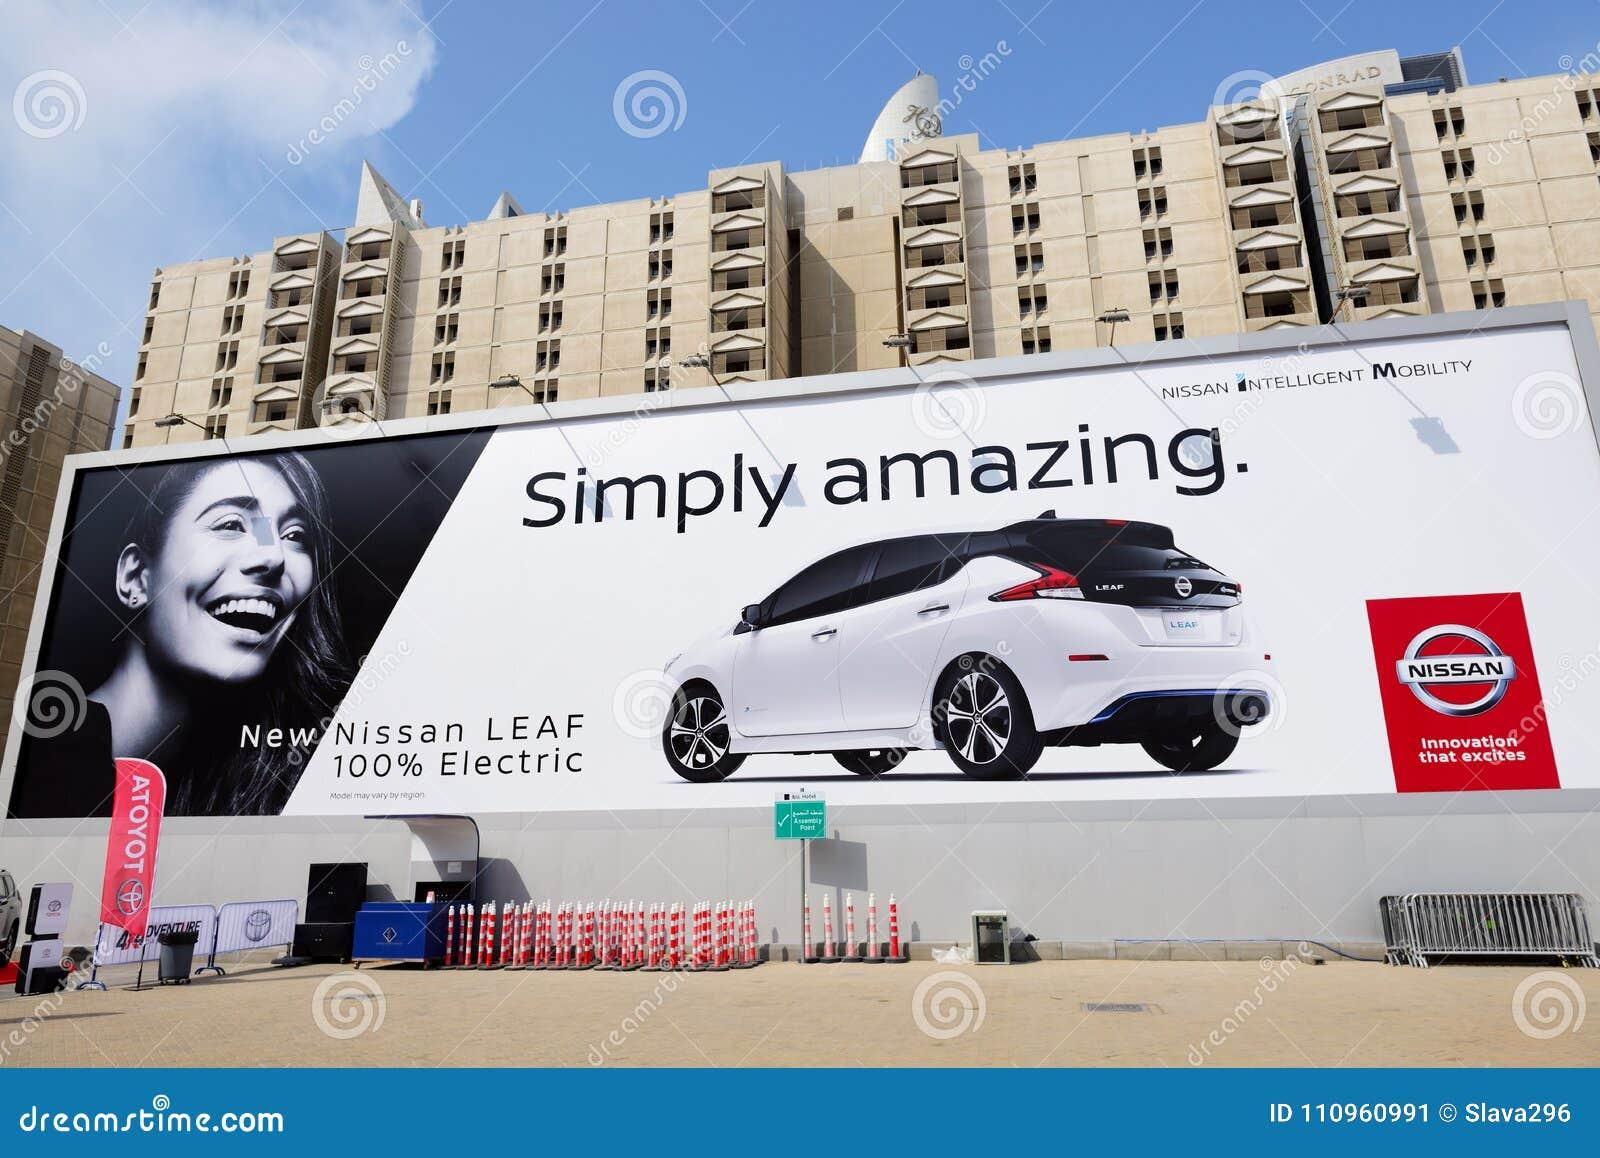 la publicit de panneau d 39 affichage de toute la voiture lectrique de nouvelle feuille de nissan. Black Bedroom Furniture Sets. Home Design Ideas